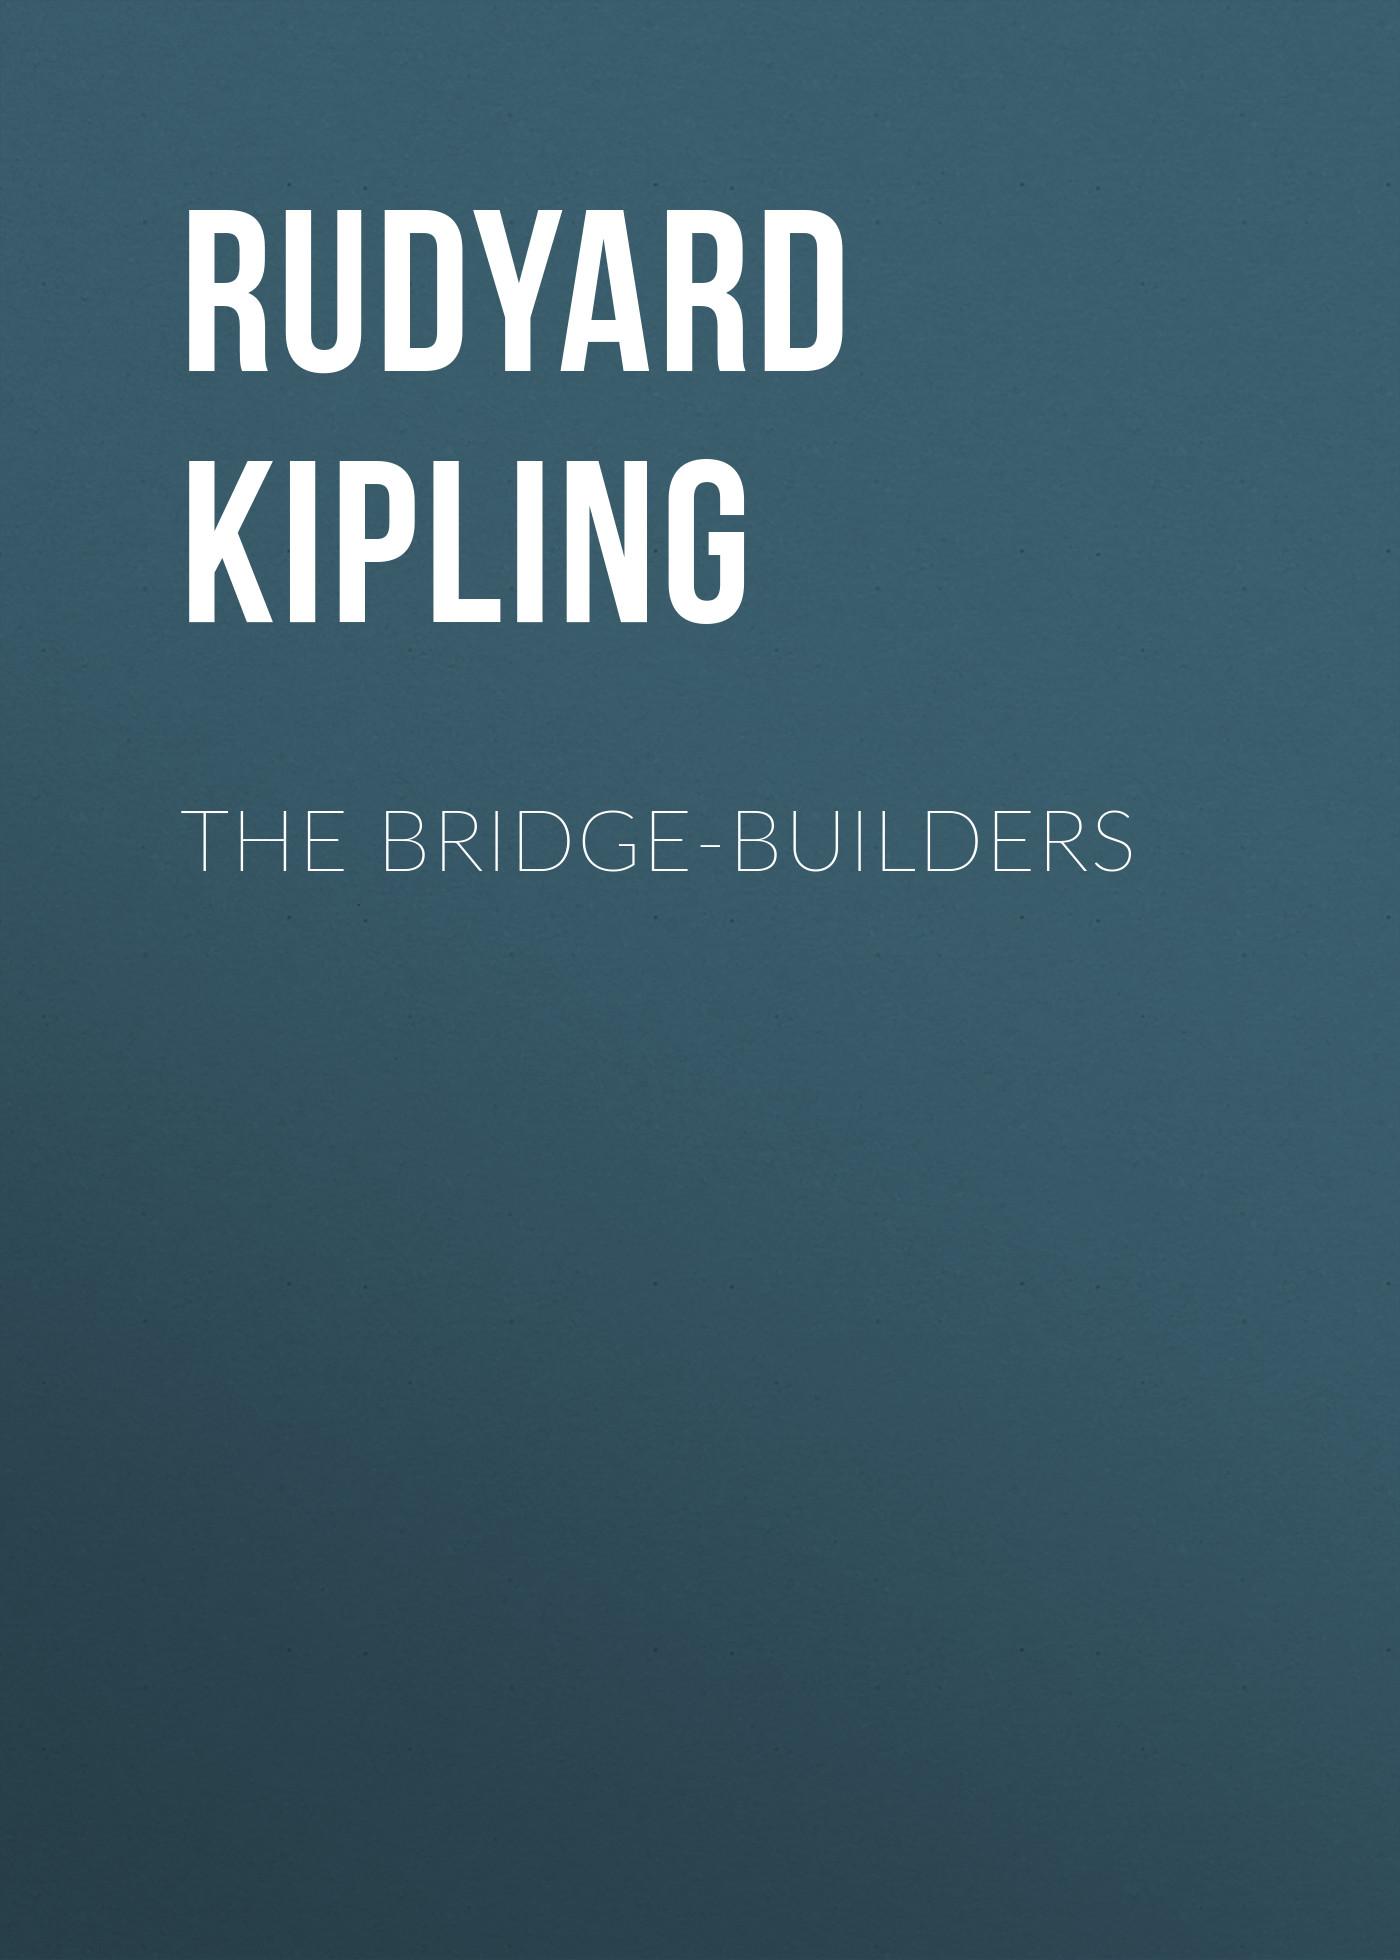 Редьярд Киплинг The Bridge-Builders редьярд киплинг the jungle book